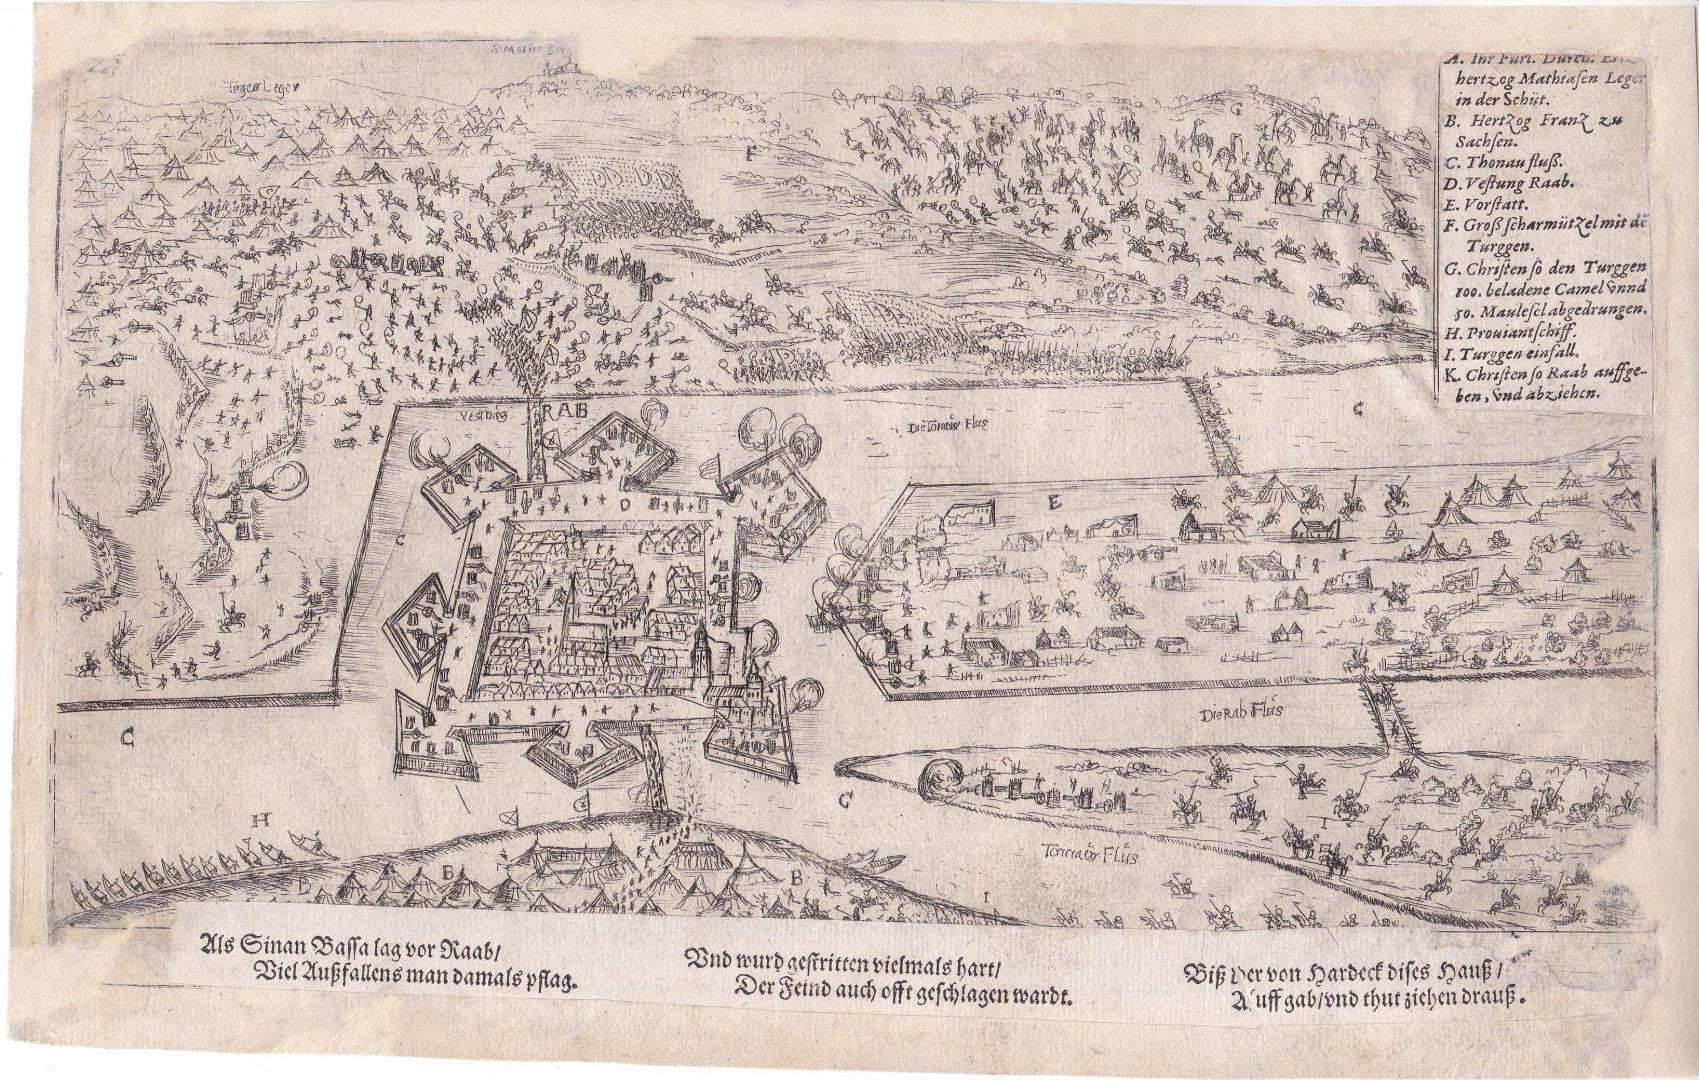 Az 1594-es ostromot ábrázoló korabeli metszet, ltsz.: HD. 75.59.1